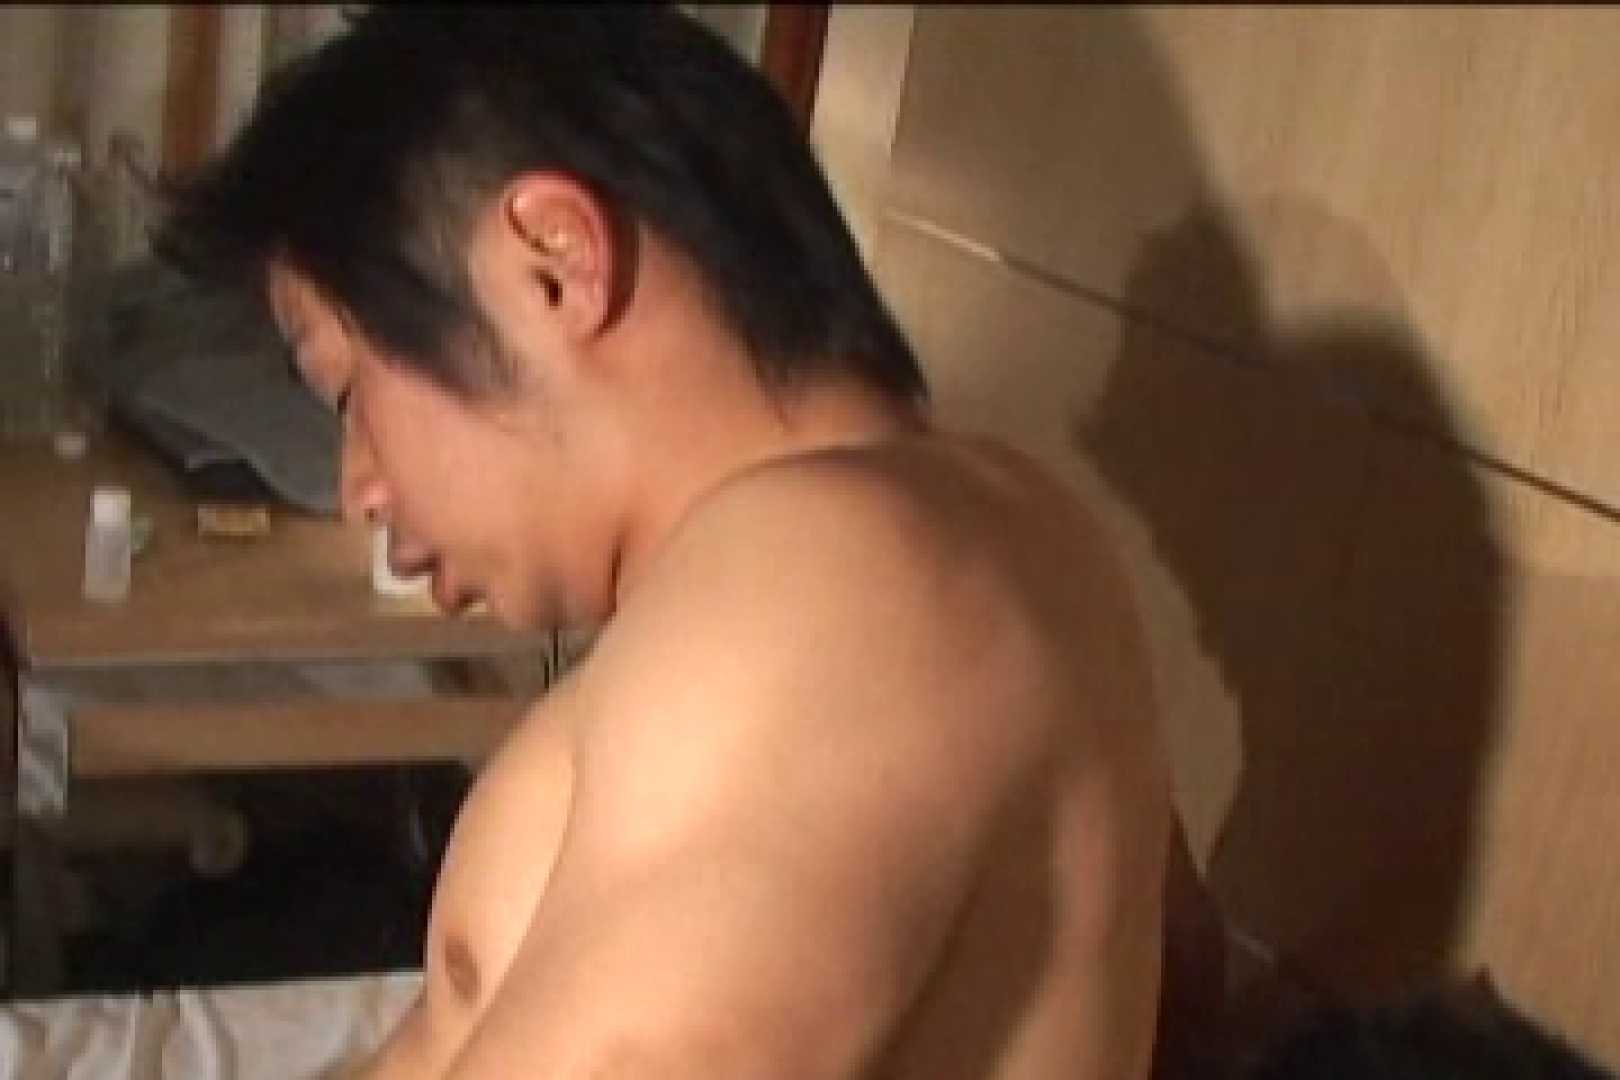 スポMENファック!!反り勃つ男根!!vol.9 オナニー | KISS アダルトビデオ画像キャプチャ 92pic 79